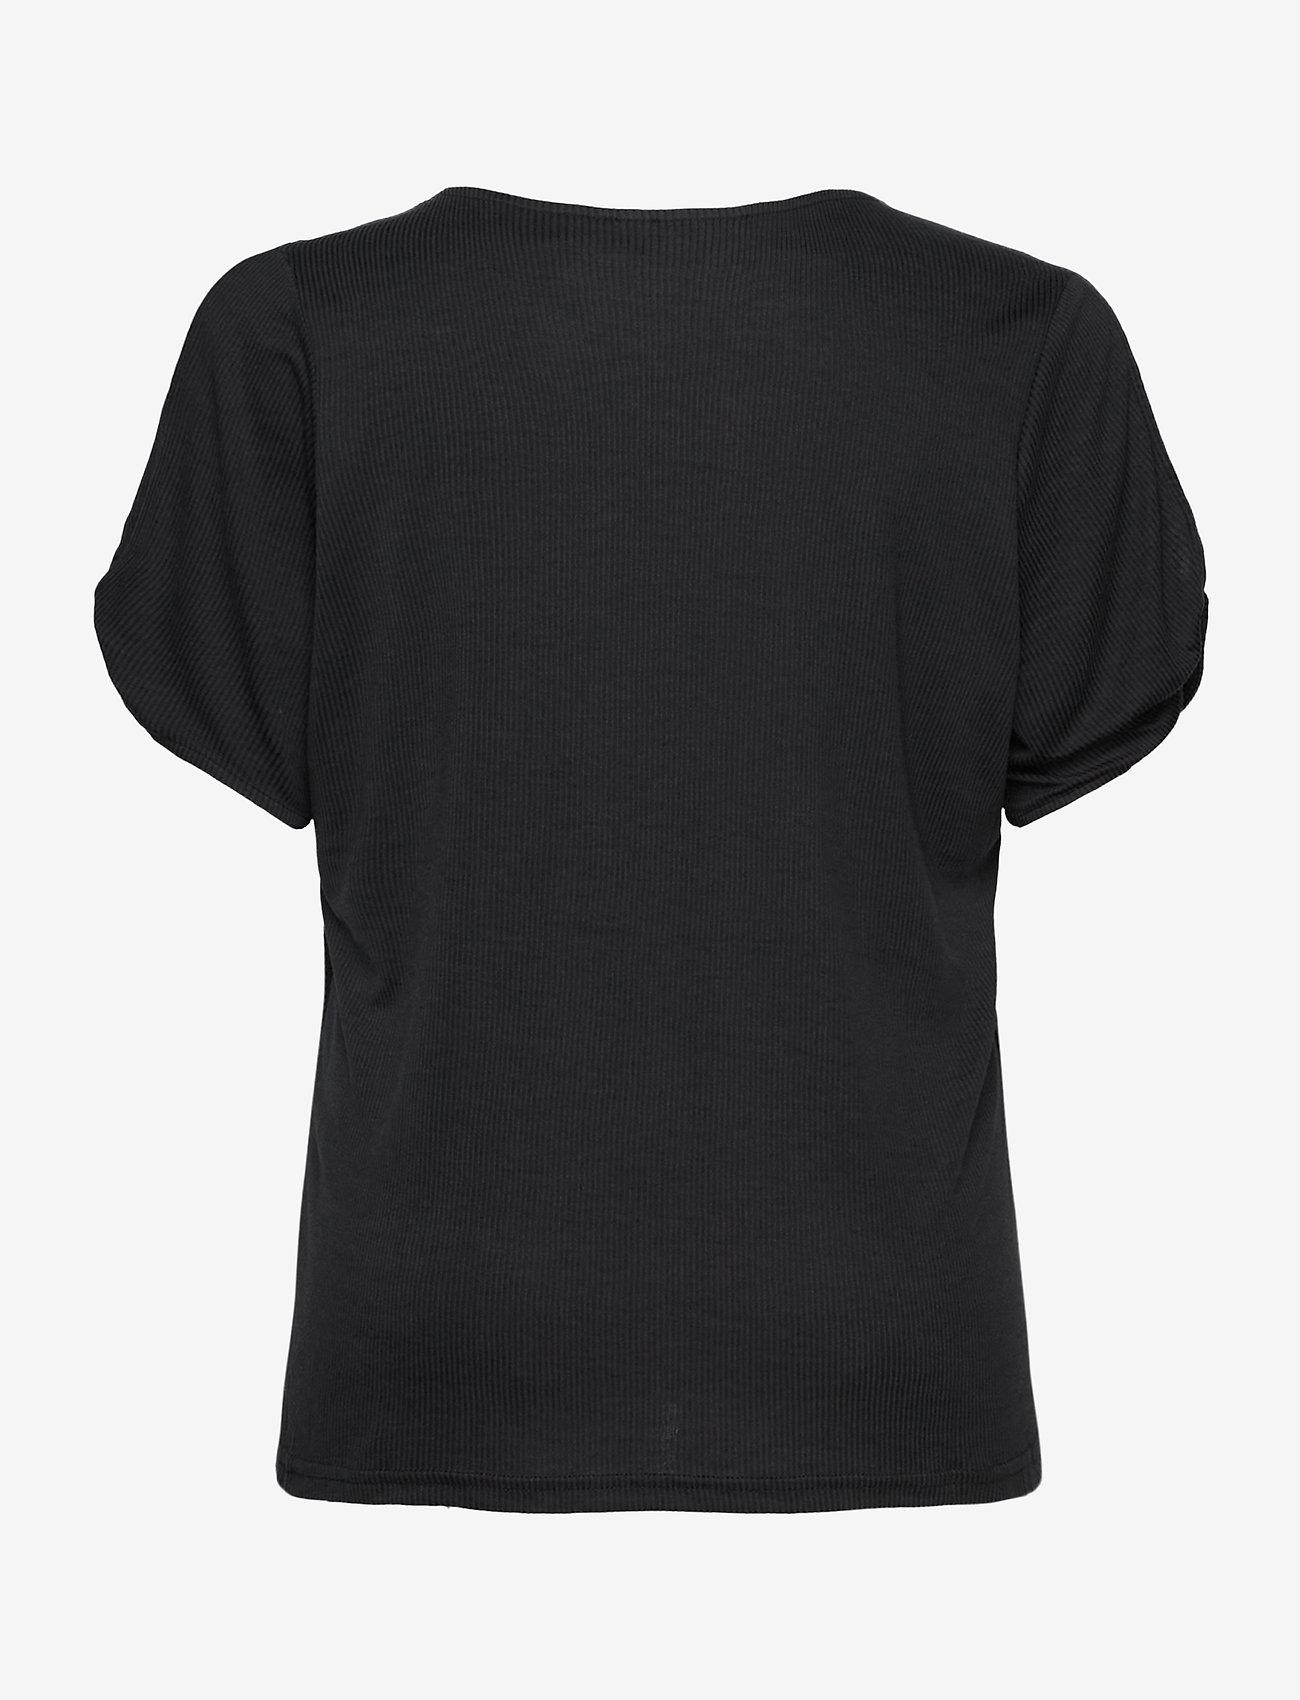 JunaRose - JRMAYSIN SS TOP - S - t-shirts - black - 1